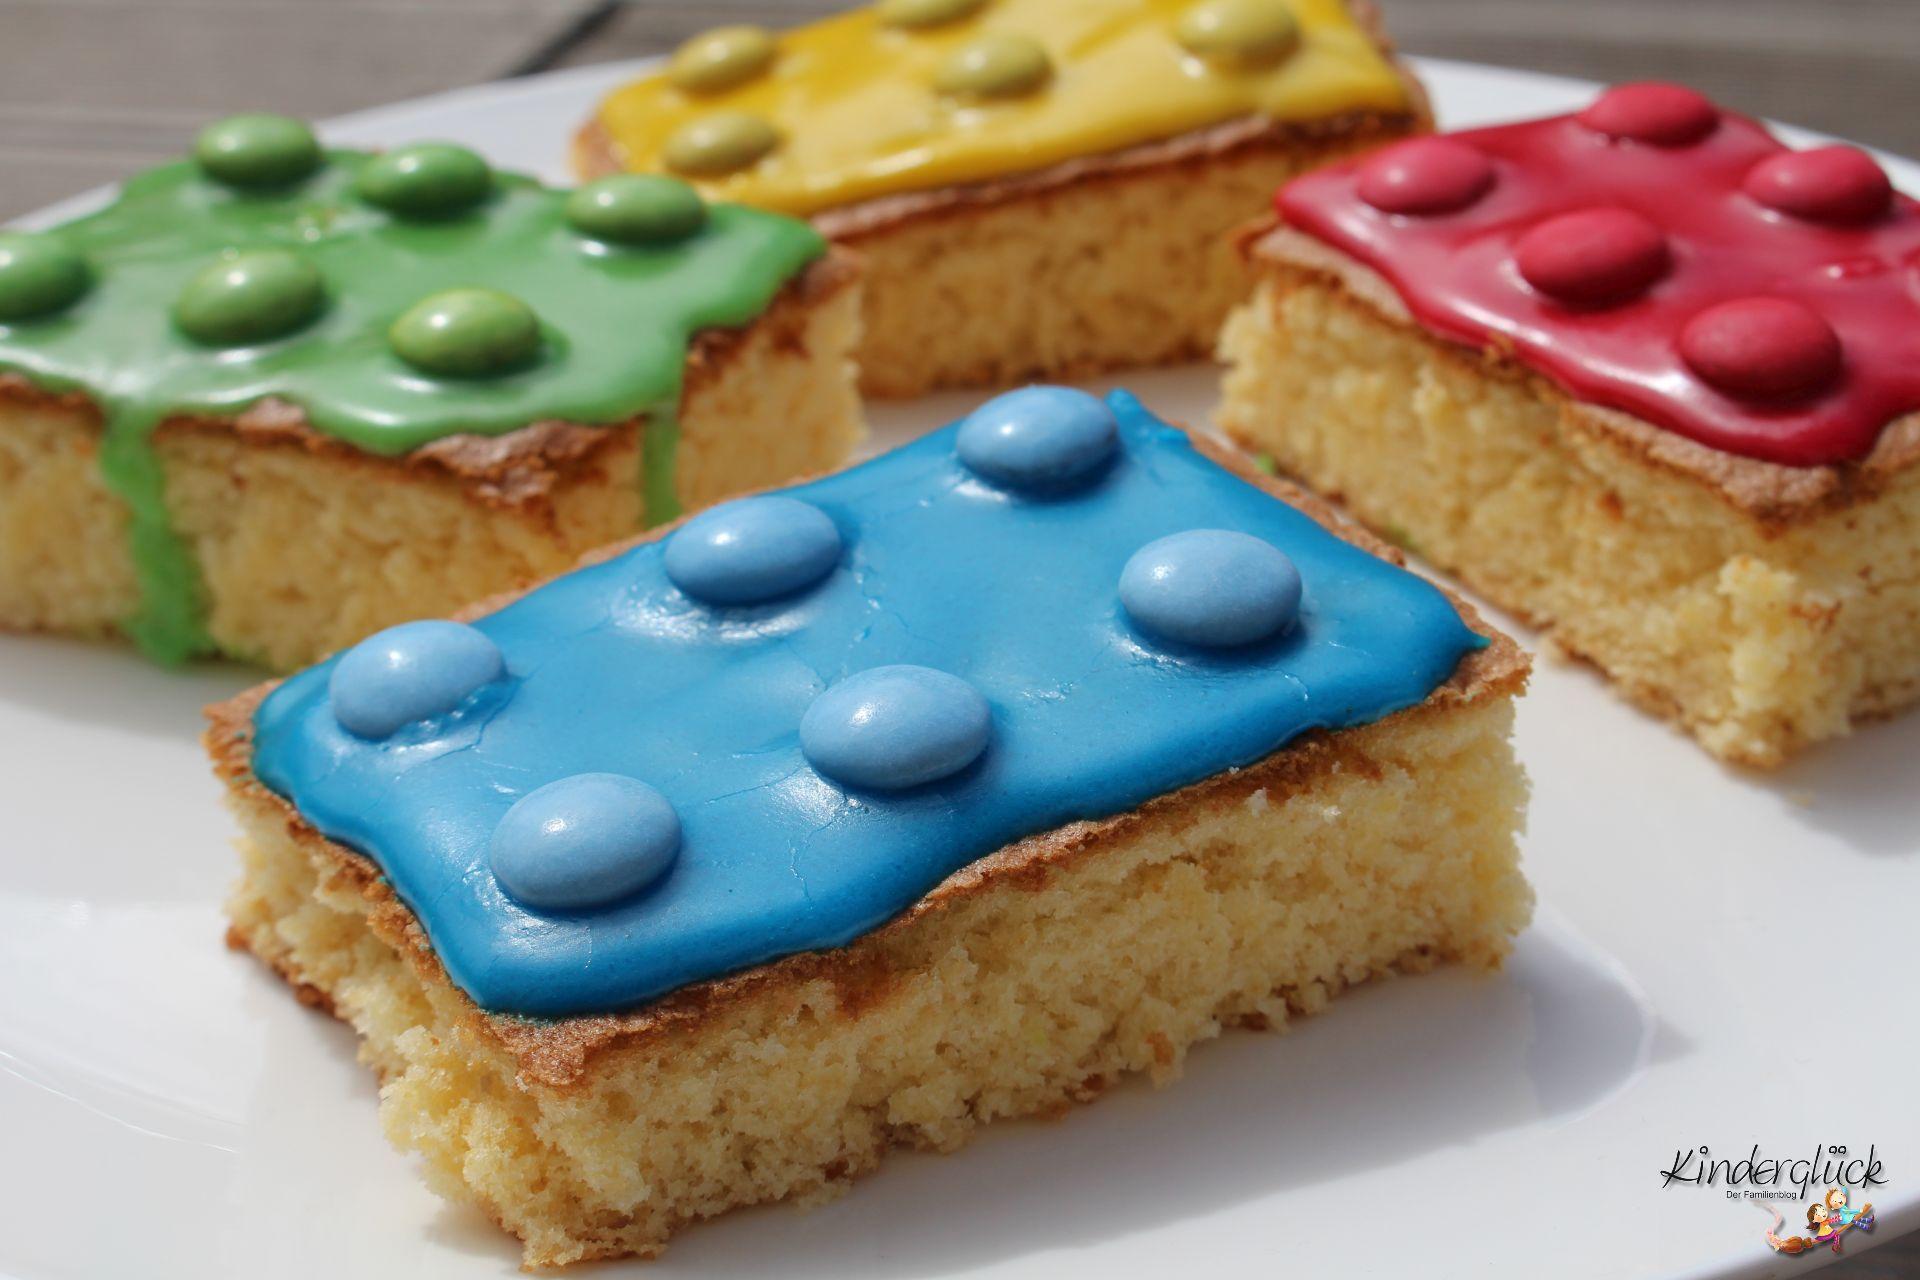 Kindergluck Der Familienblog Baustein Kuchen Kindergeburtstagskuchen Kindergeburtstagskuchen Rezepte Kuchen Kindergeburtstag